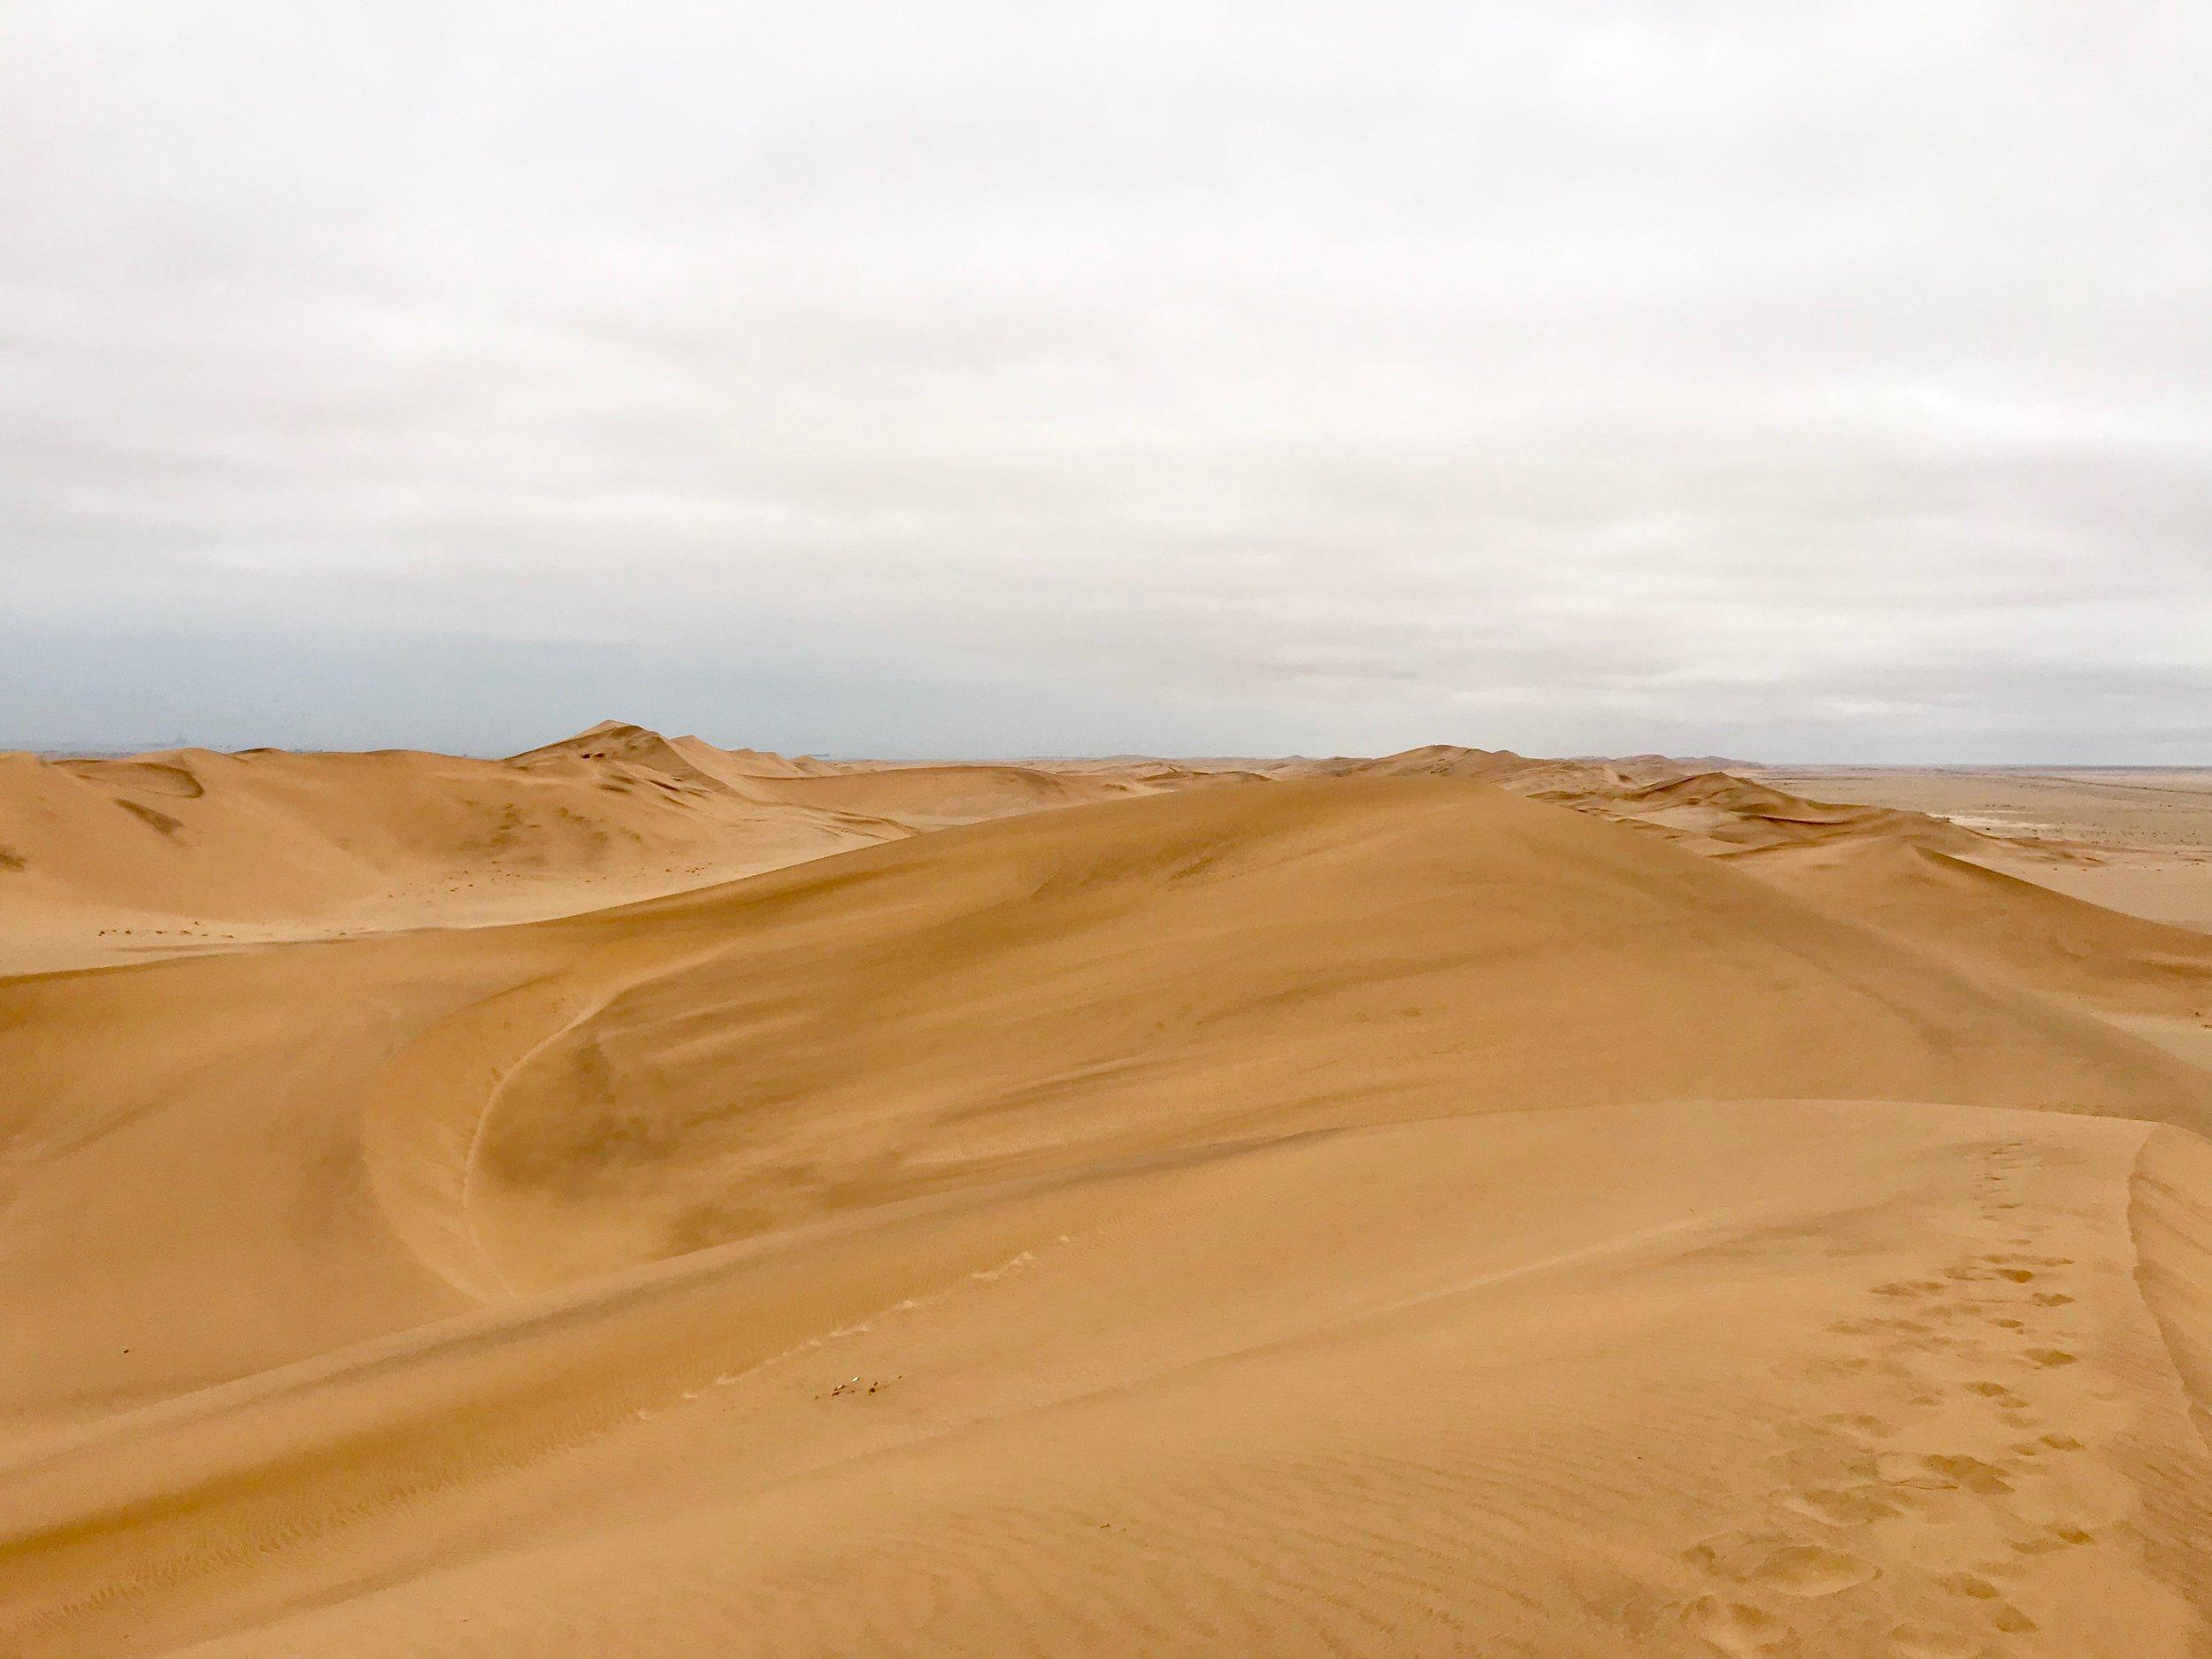 Amazing dunes